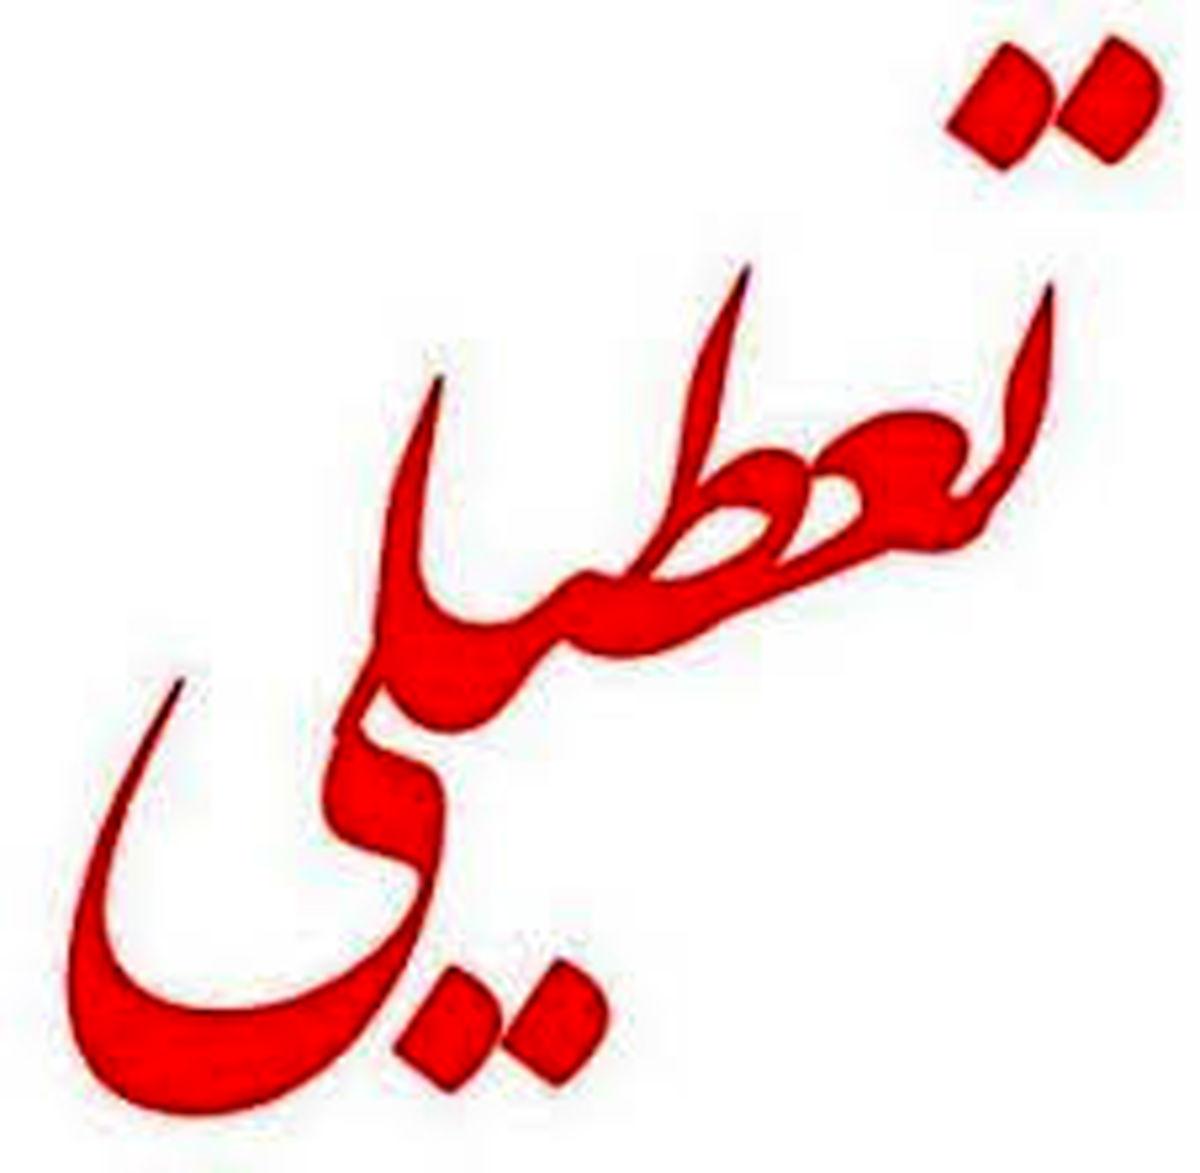 دانشگاههای استان البرز چهارشنبه و پنج شنبه تعطیل شد